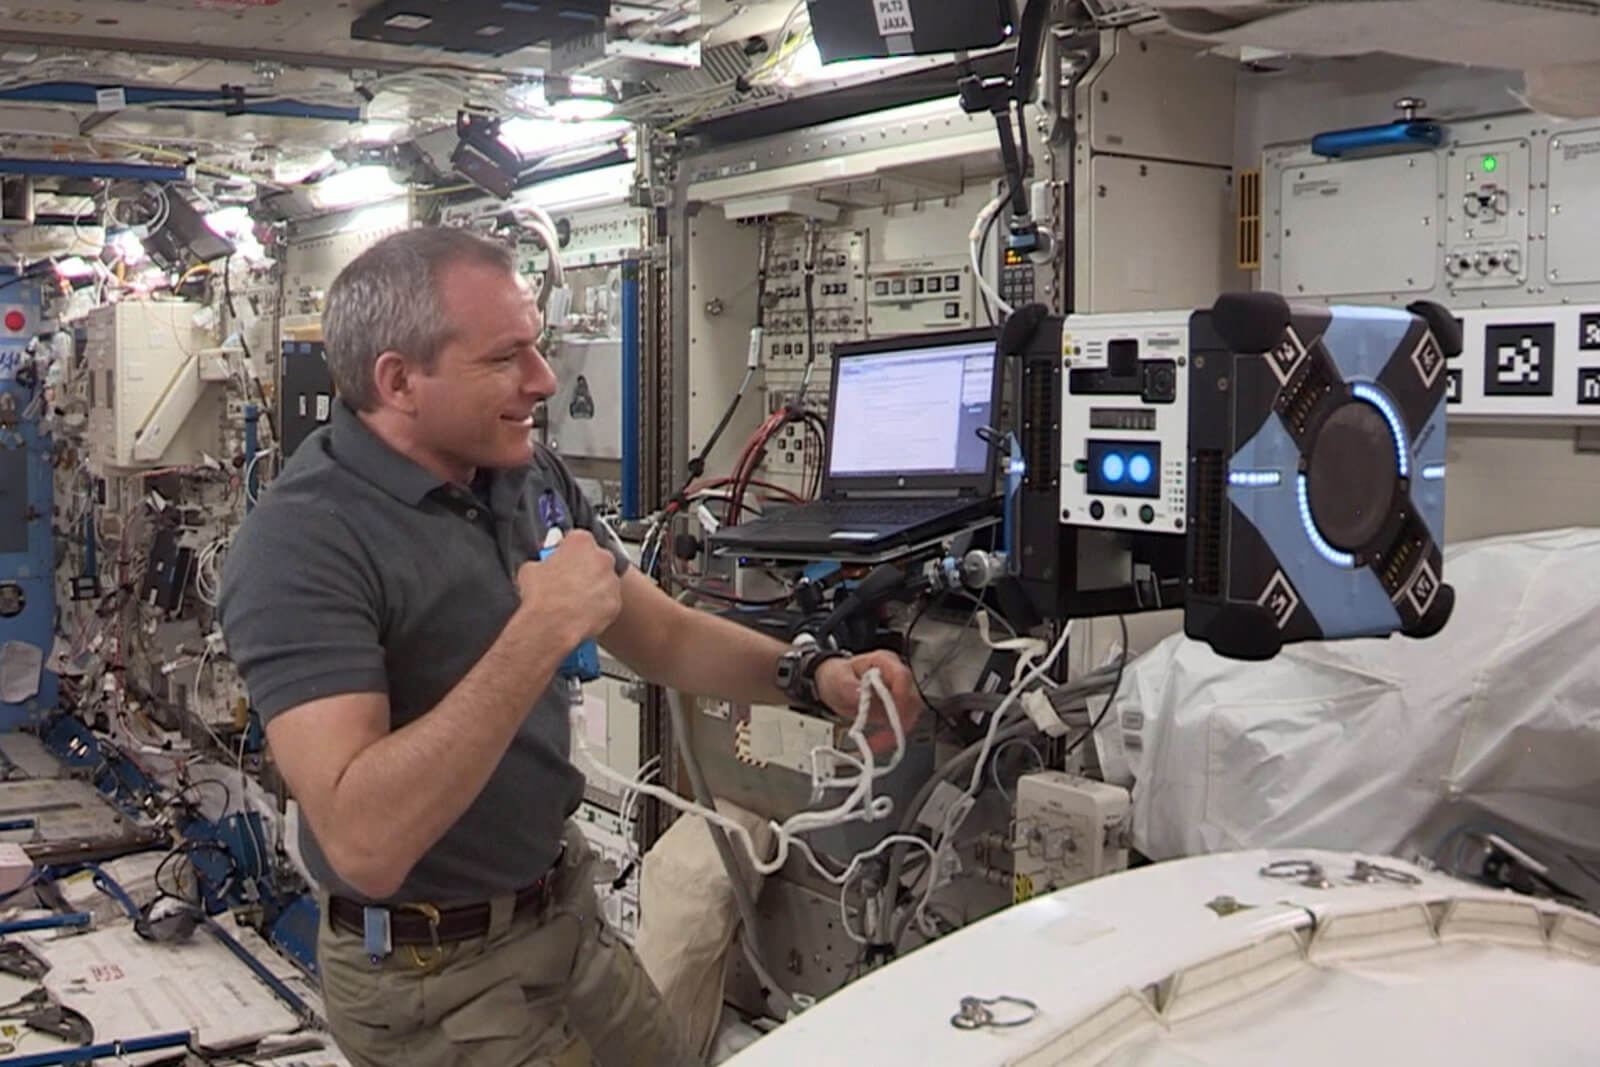 #видео | На борту МКС прошли первые летные испытания робота-пчелы «Bumble»